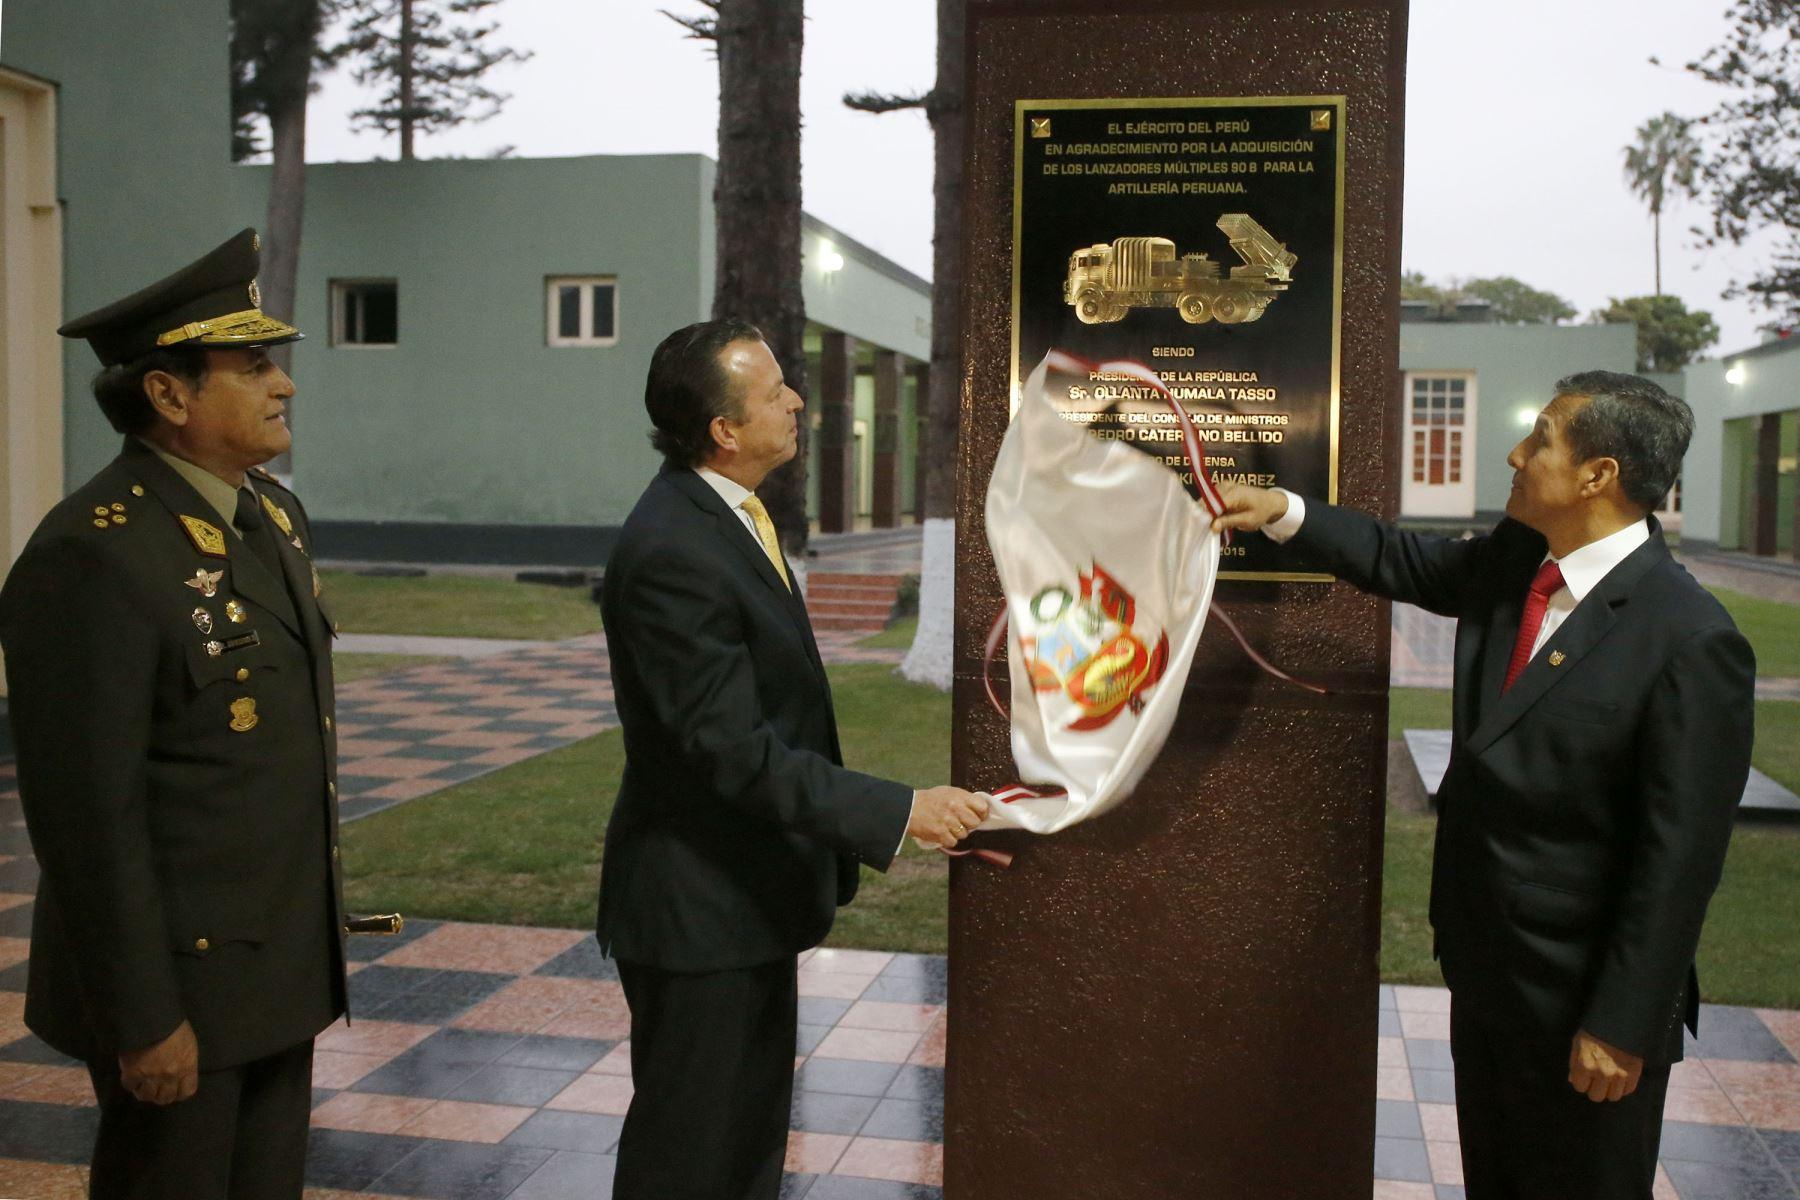 Presidente Ollanta Humala y ministro de Defensa, Jakke Valakivi, develan placa sobre la compra de Lanzadores Núltiples 90B.